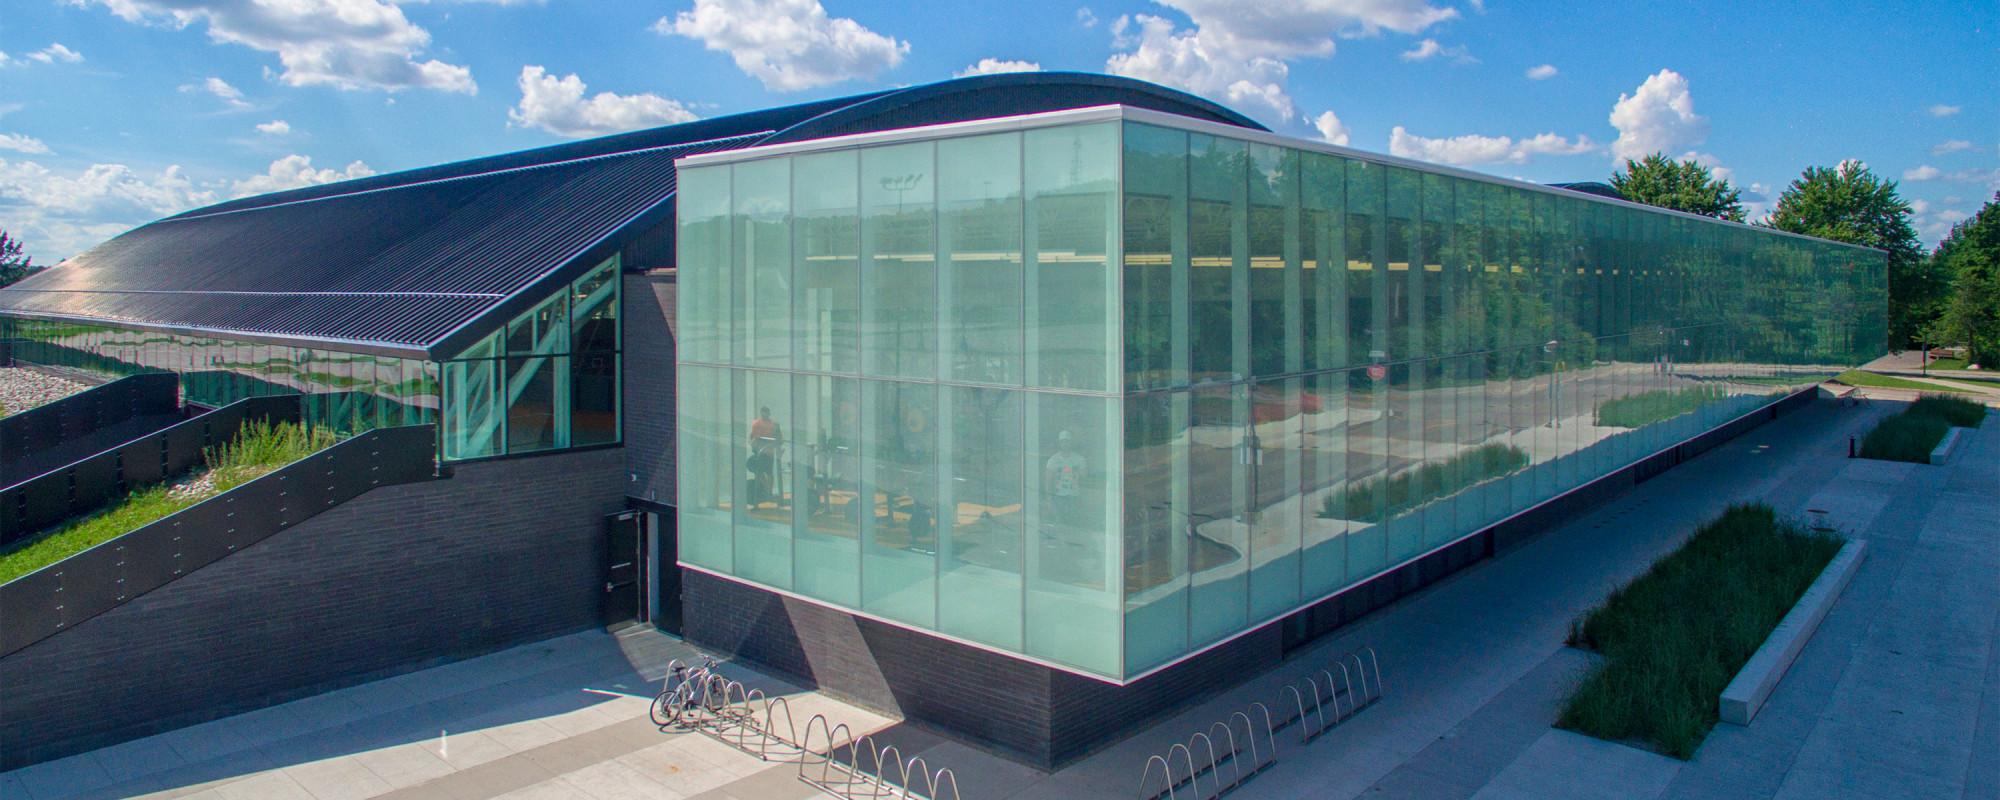 Conestoga College Recreation Centre | Melloul Blamey